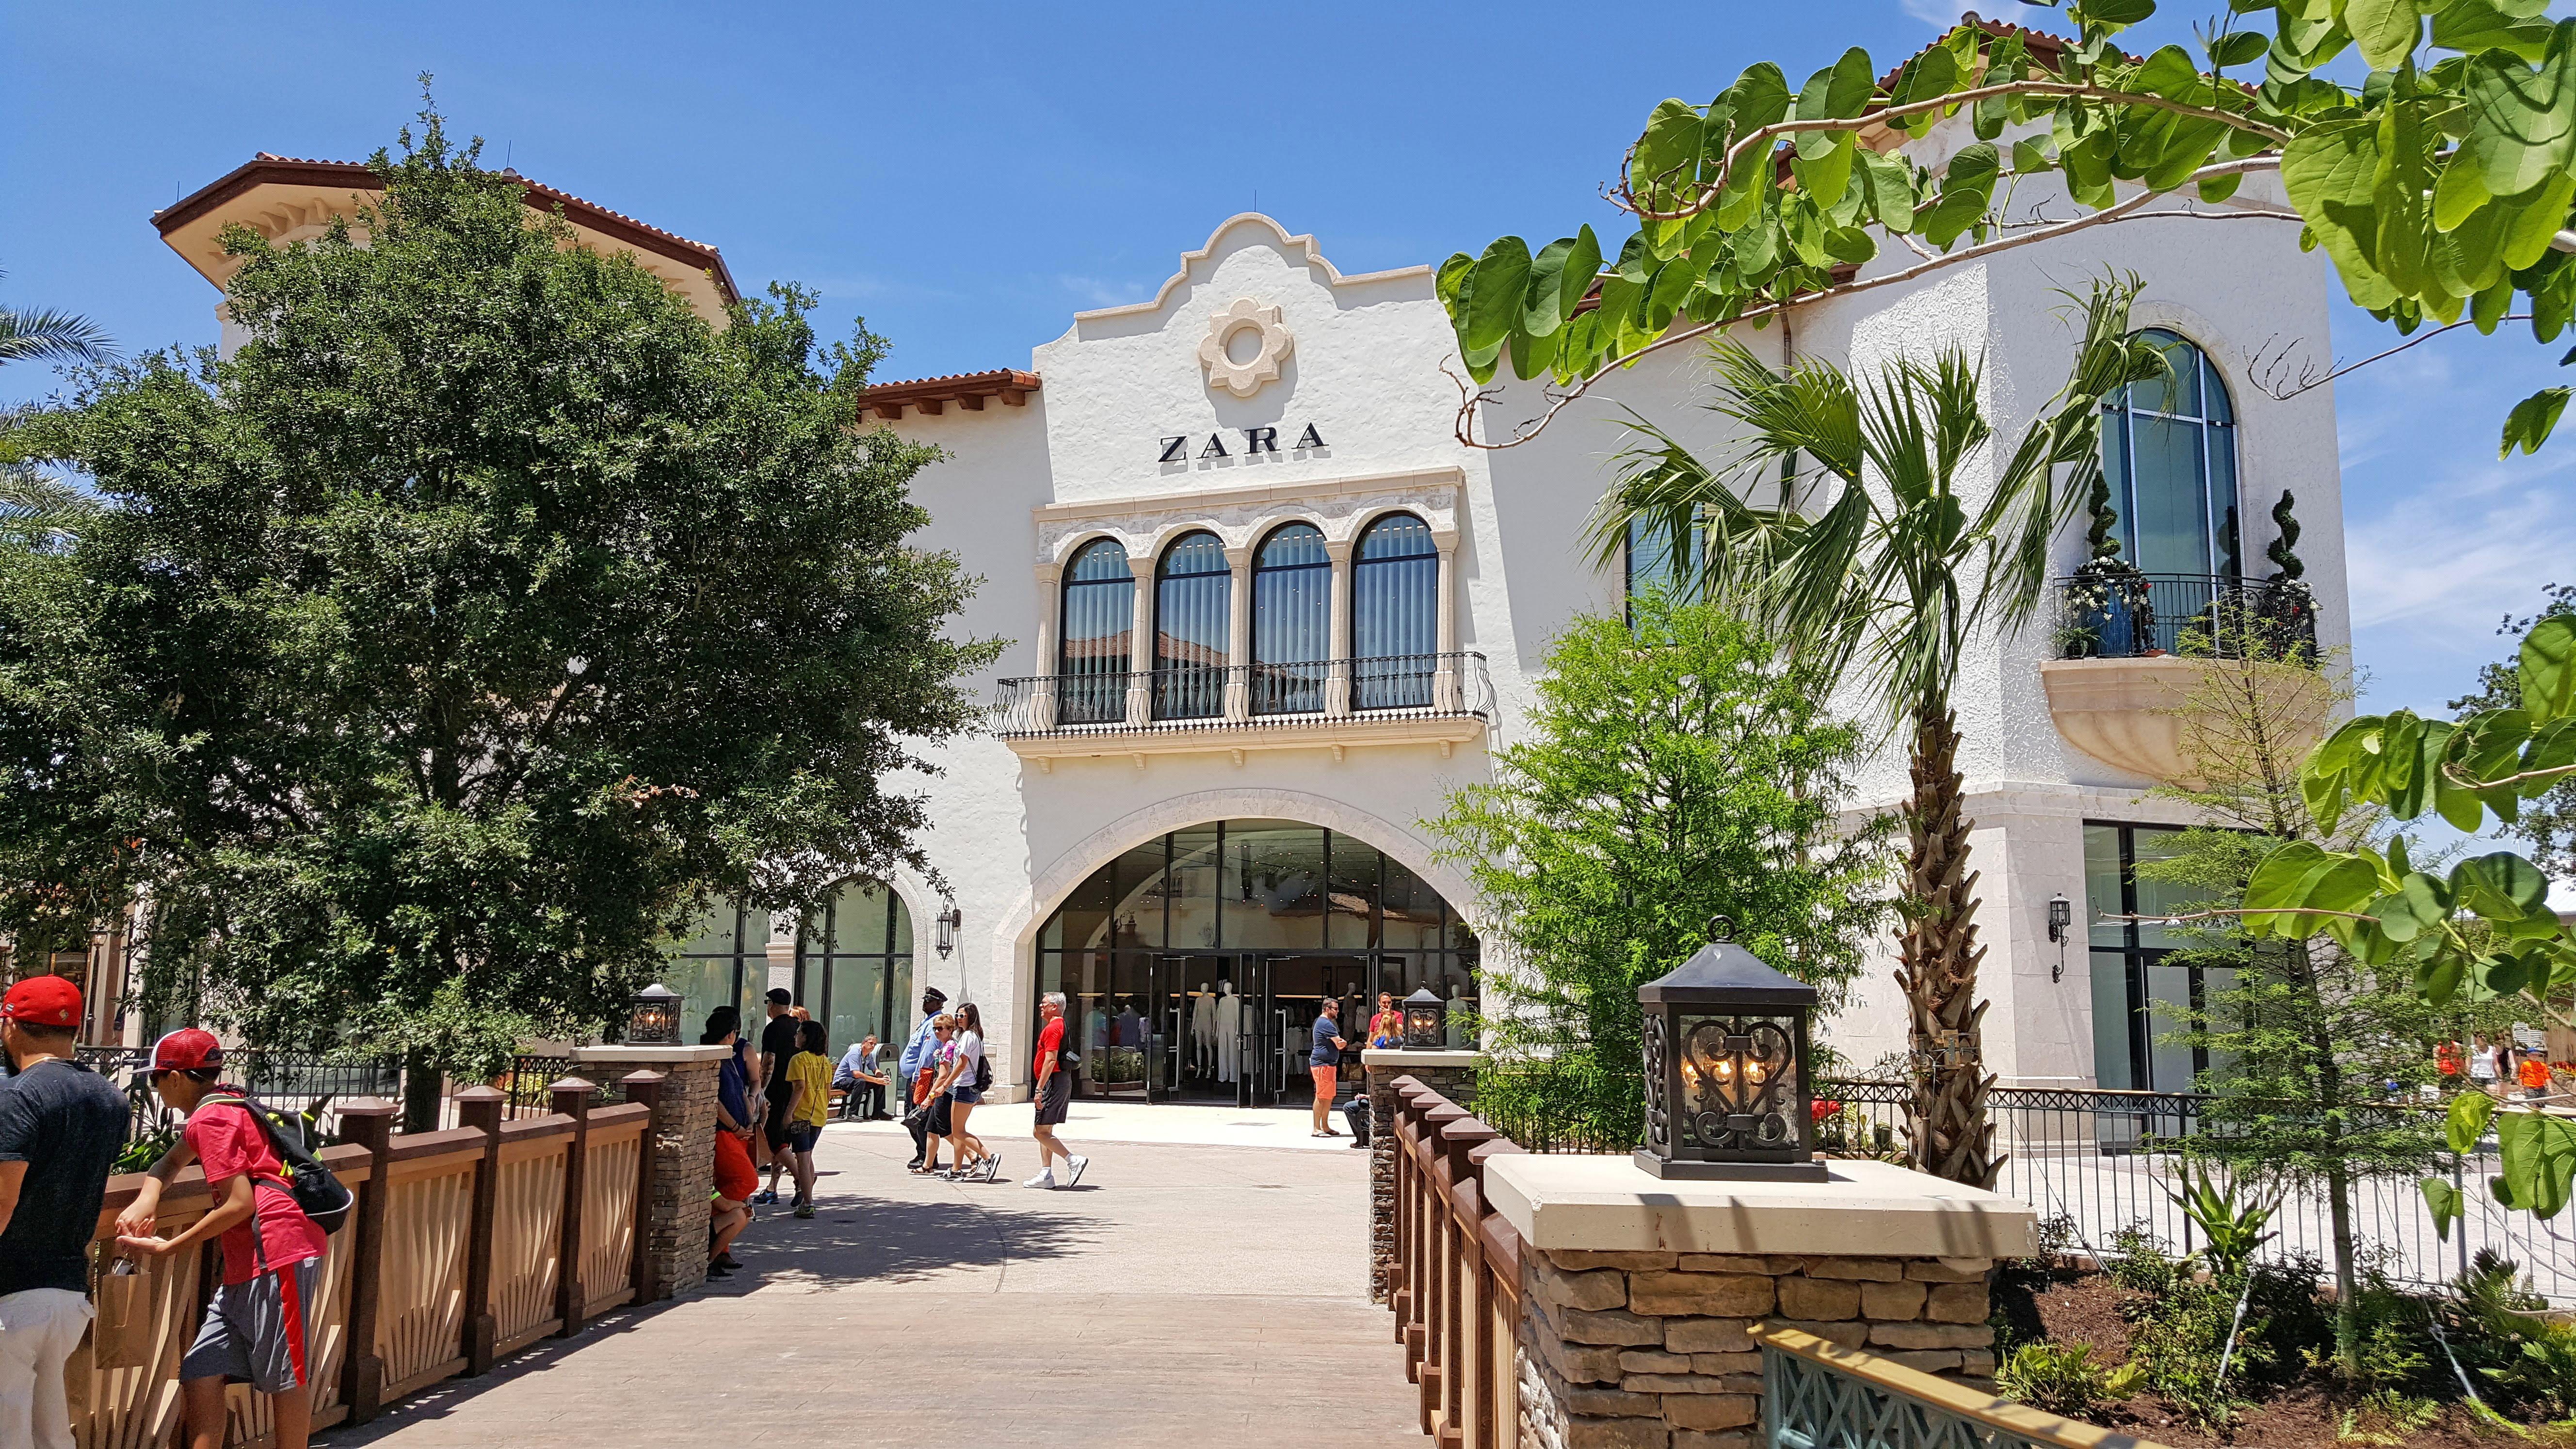 ZARA Disney Springs